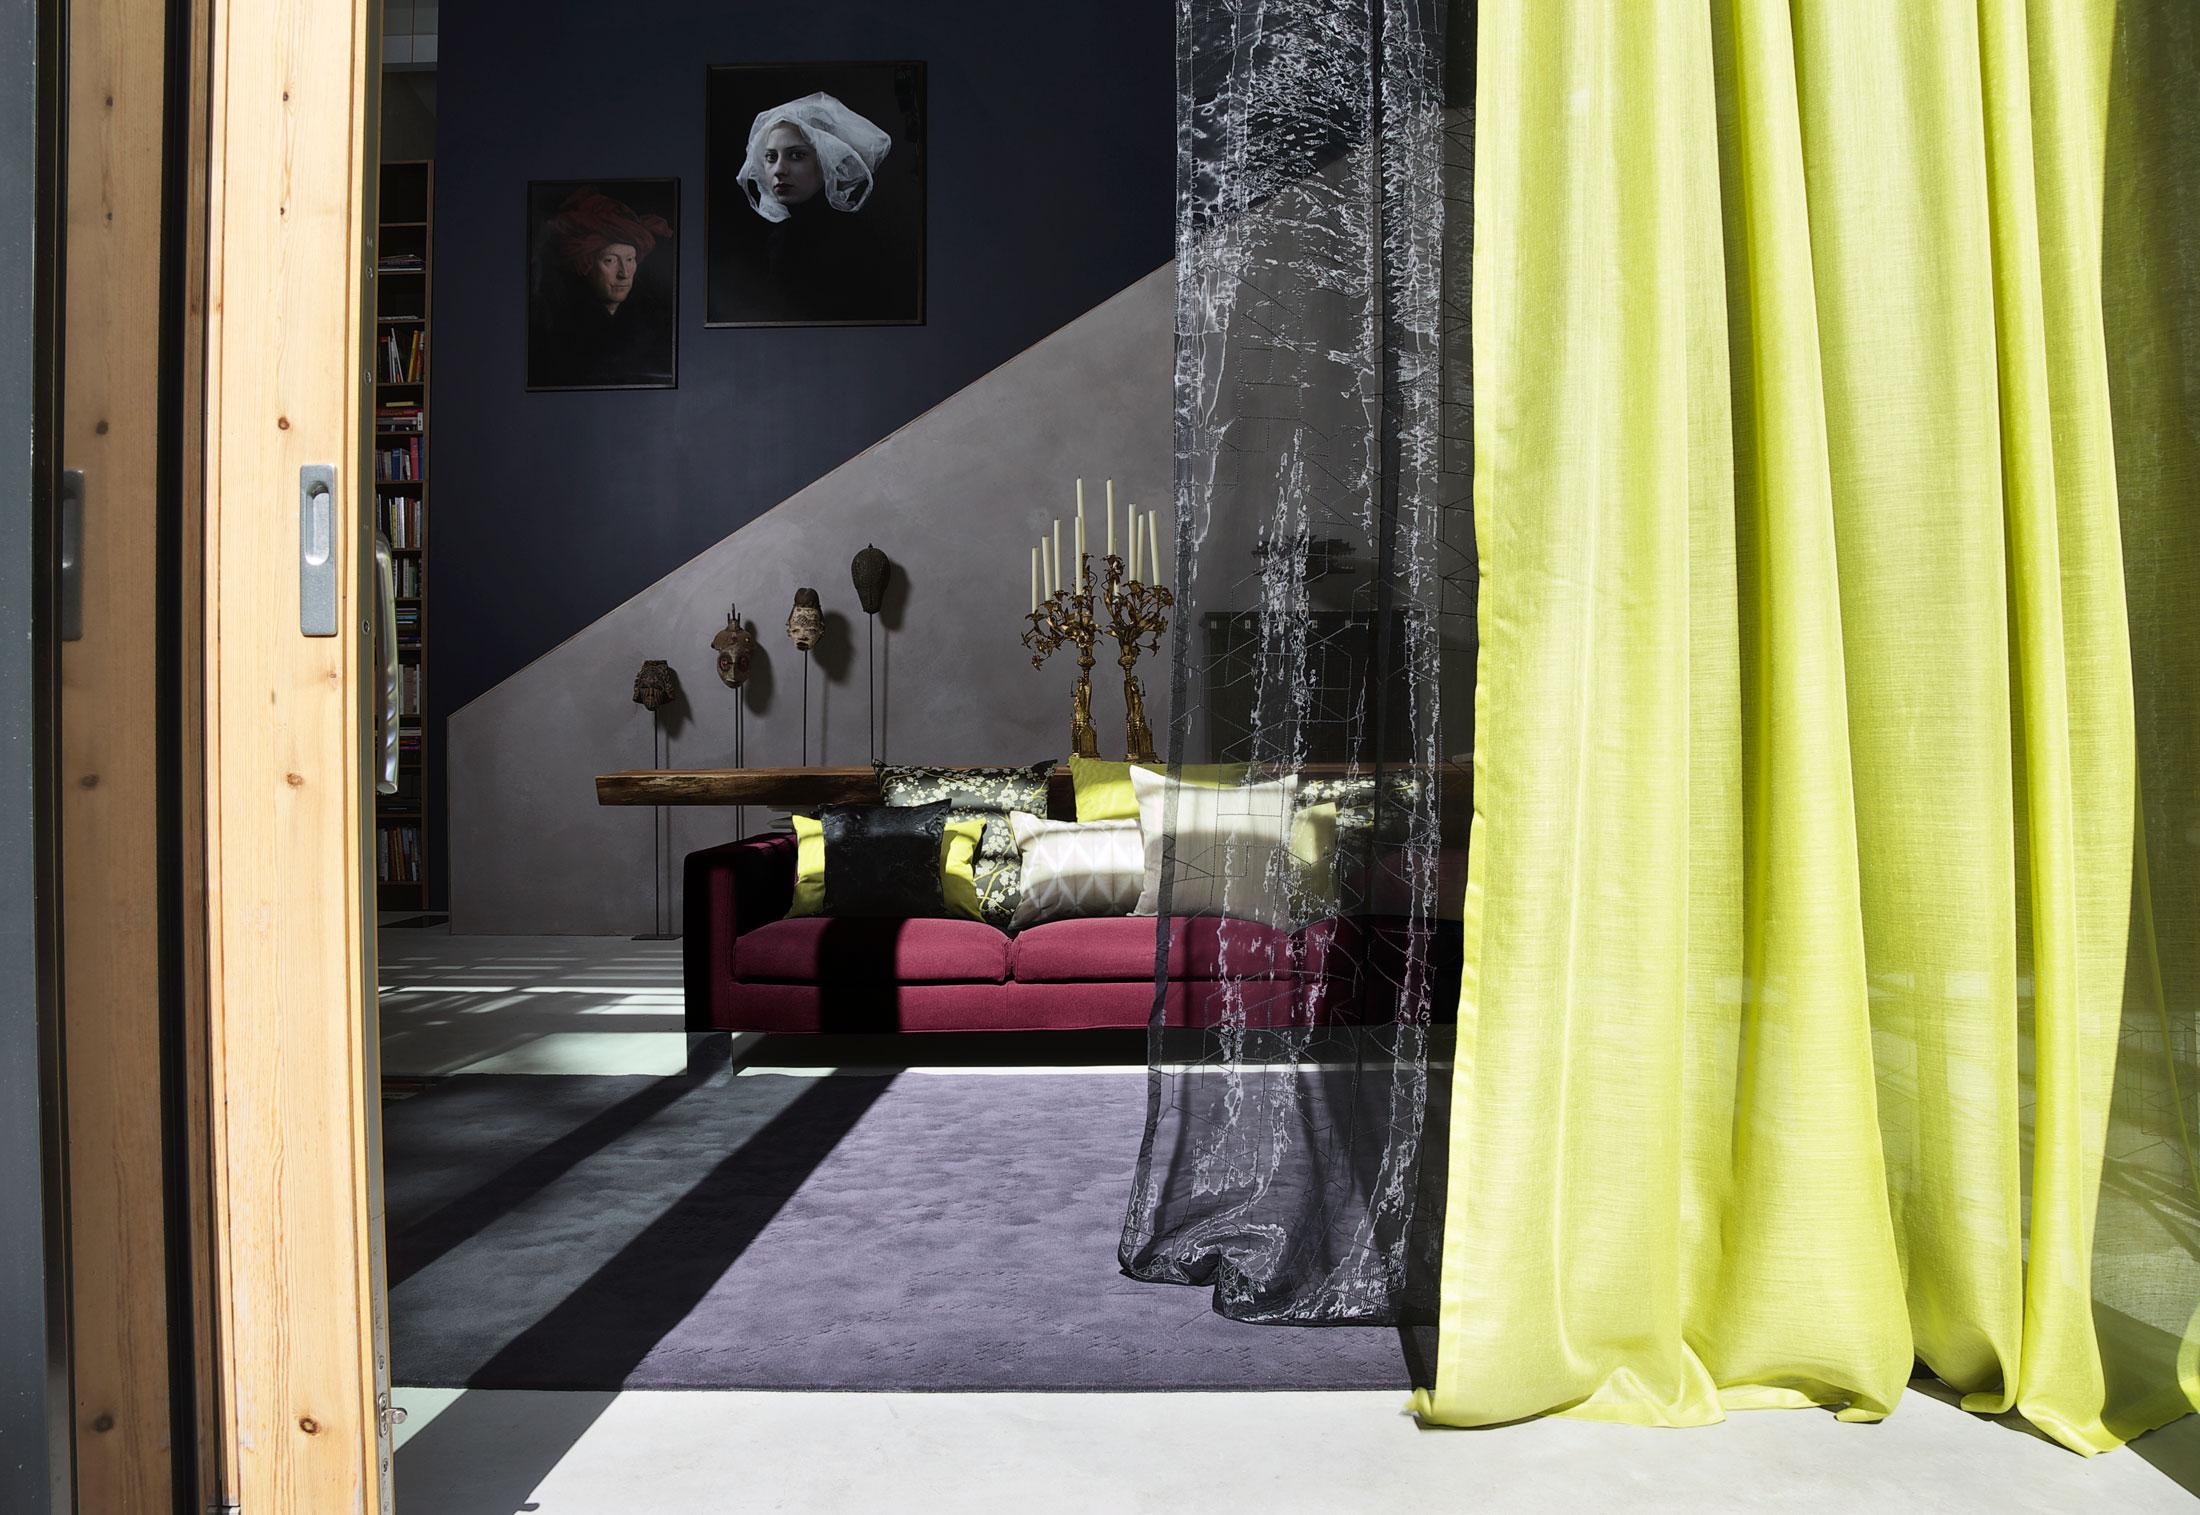 alsara von christian fischbacher stylepark. Black Bedroom Furniture Sets. Home Design Ideas